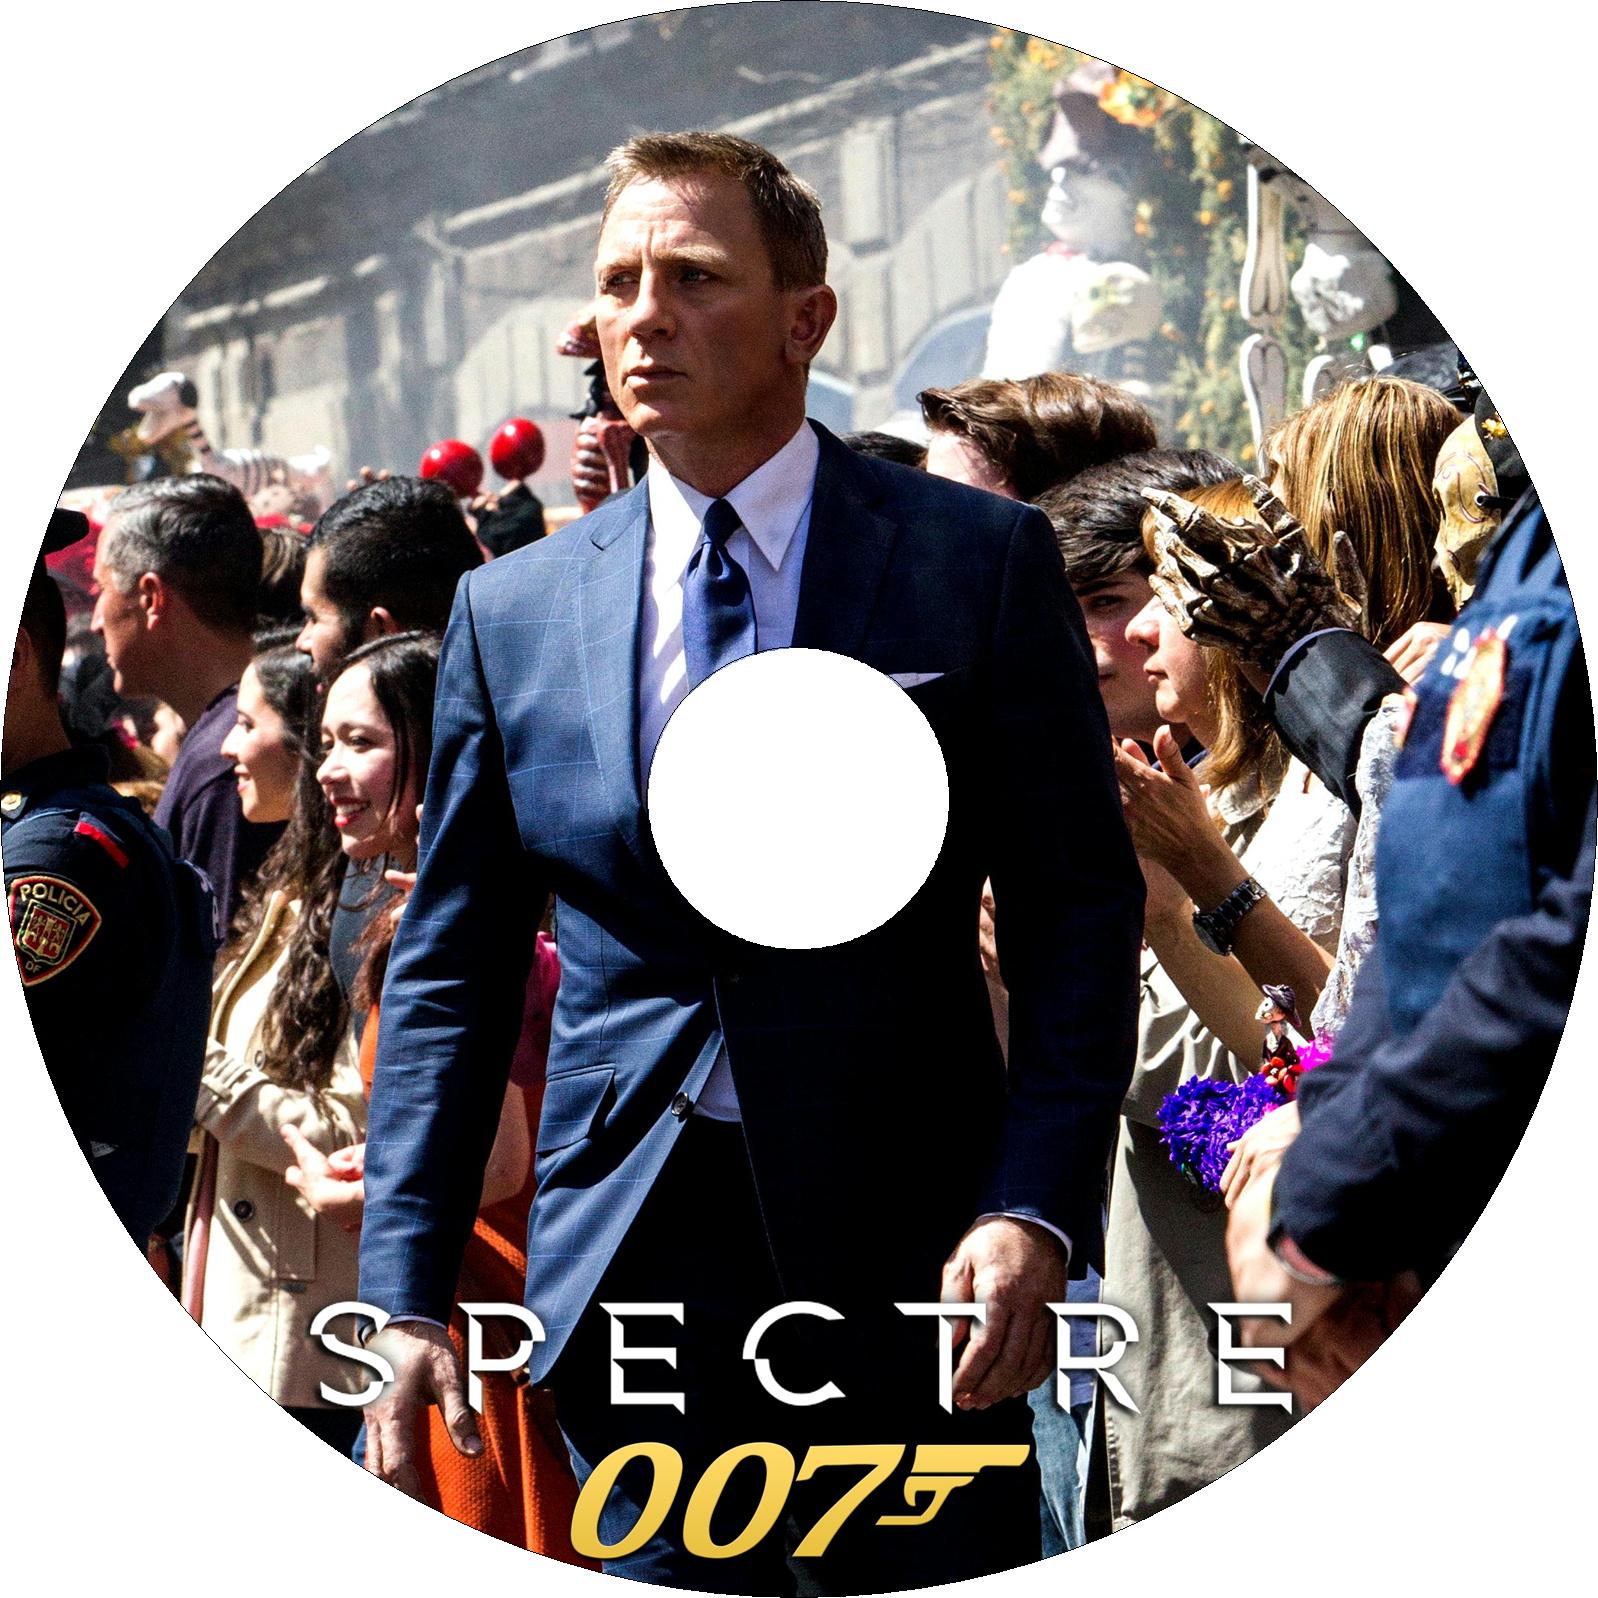 007 スペクター ラベル